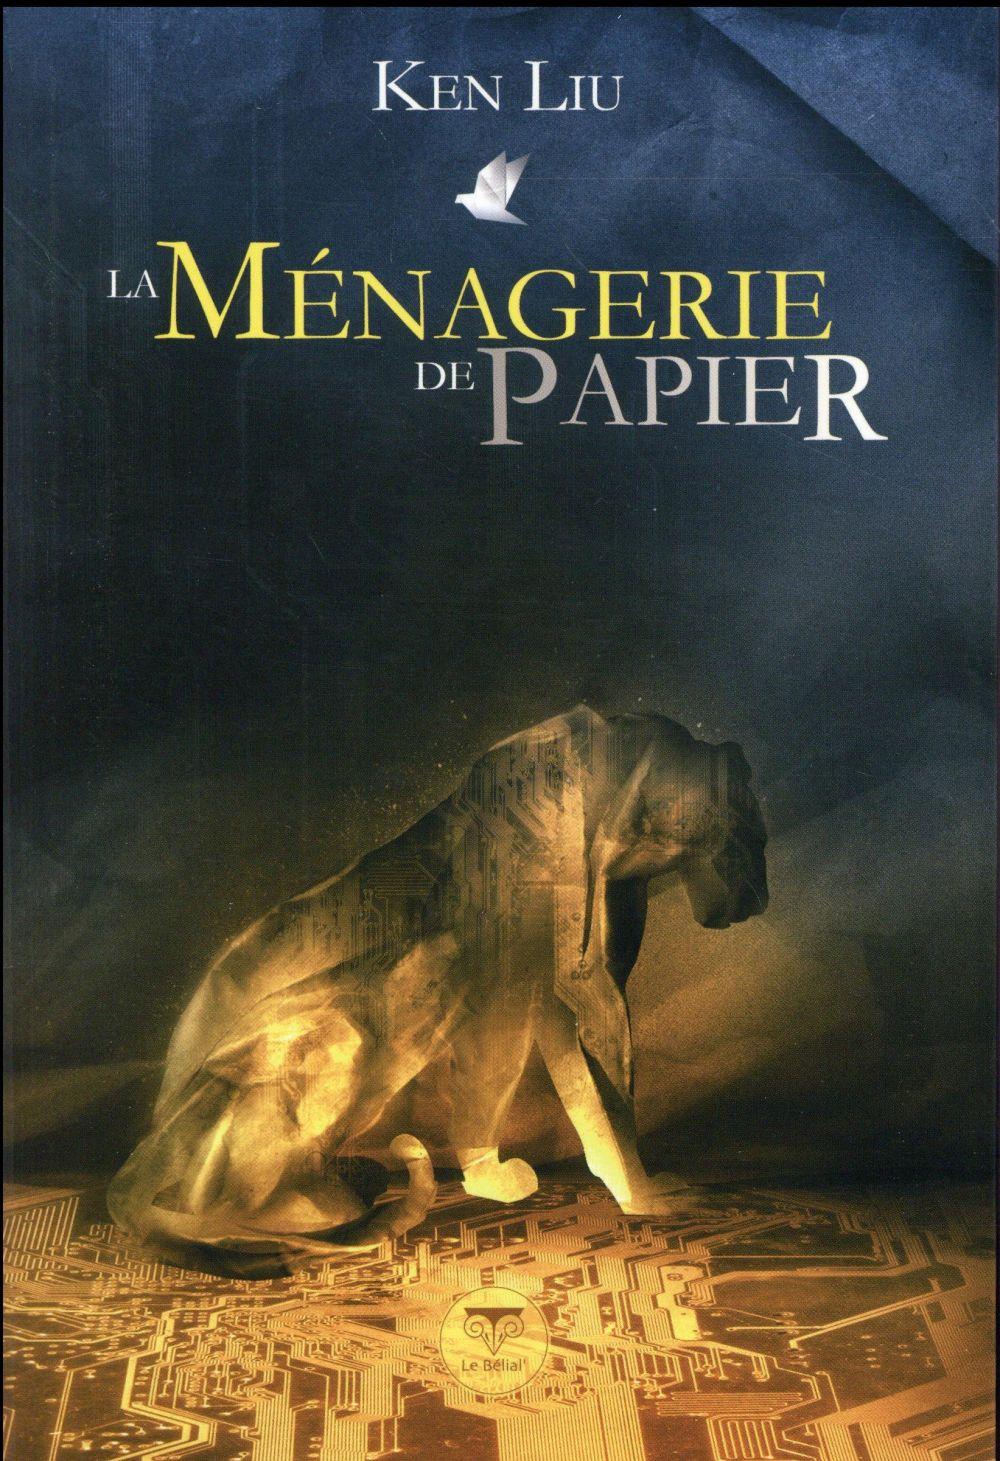 LA MENAGERIE DE PAPIER